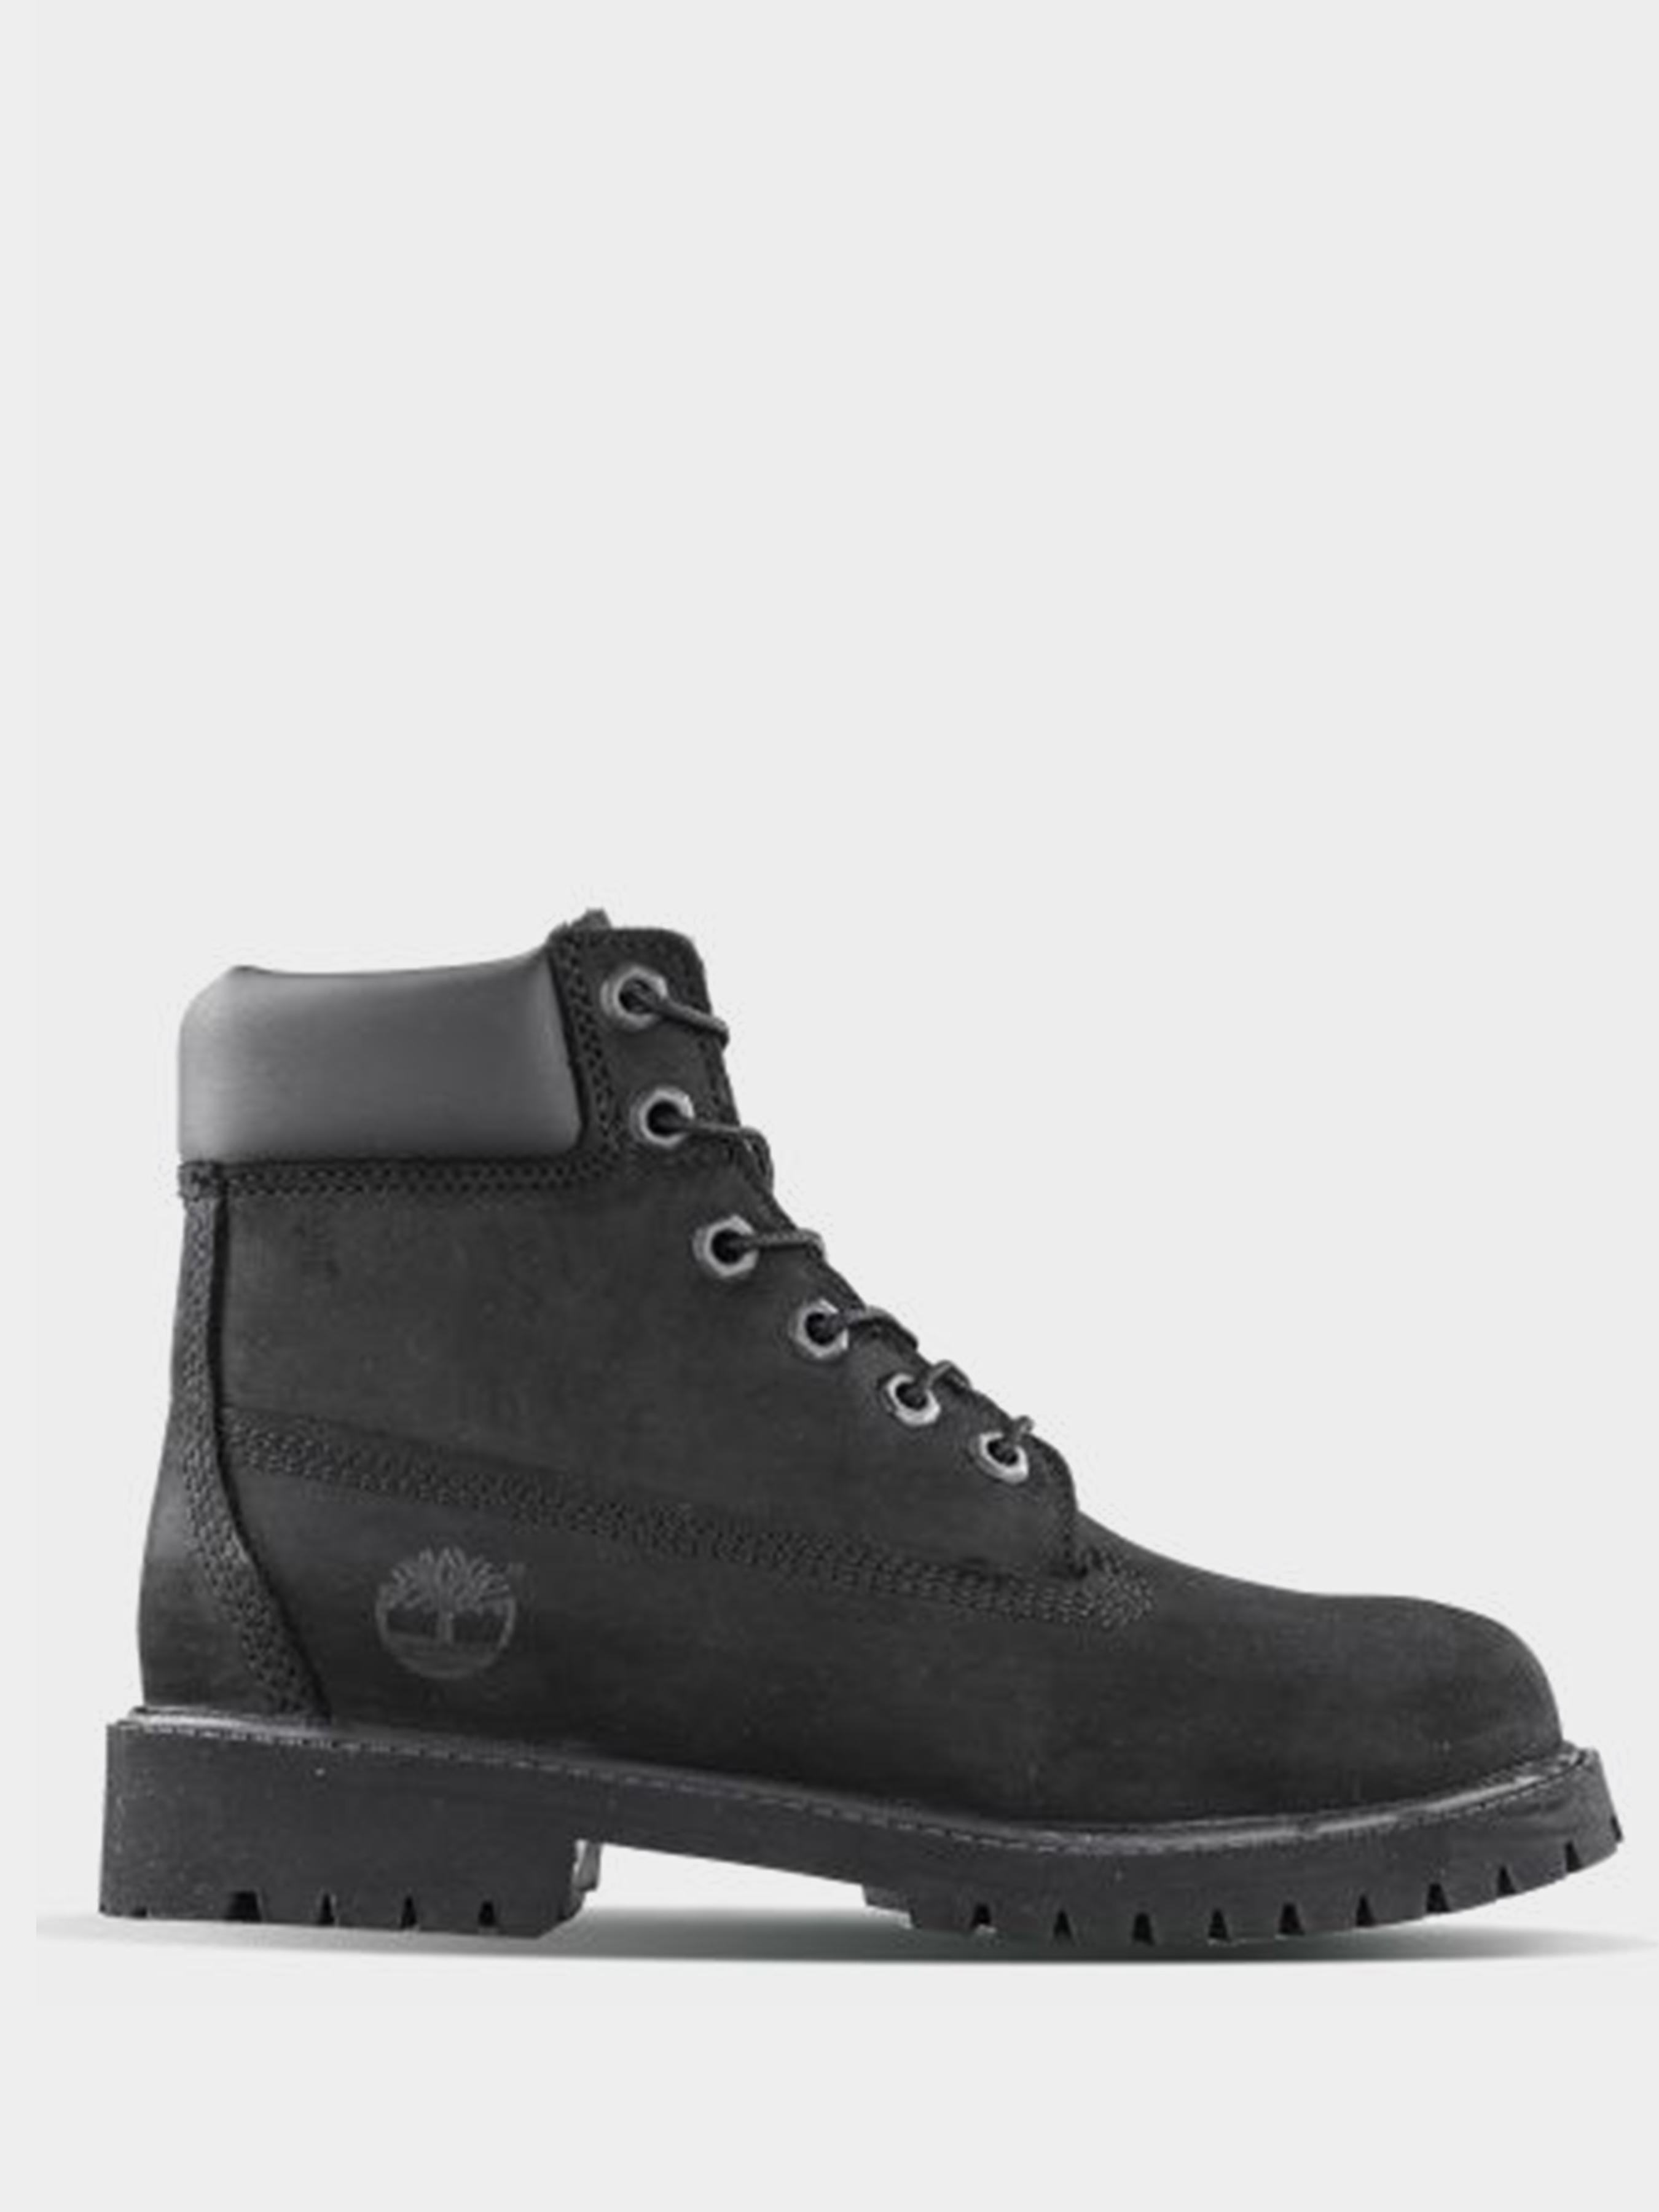 Ботинки для детей Timberland Timberland Premium TB012907001 размерная сетка обуви, 2017